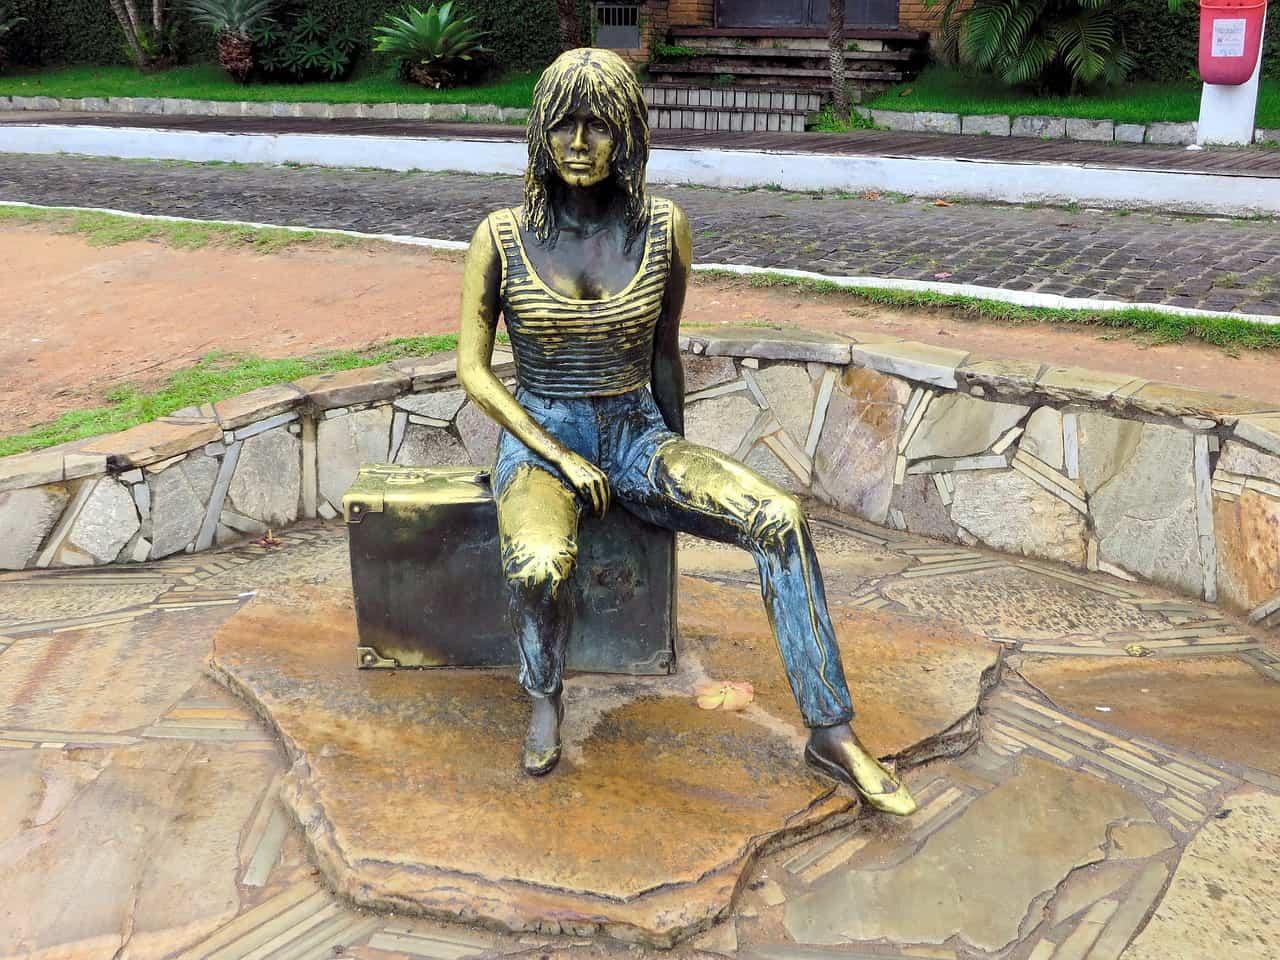 Estátua Brigitte Bardot, em Búzios